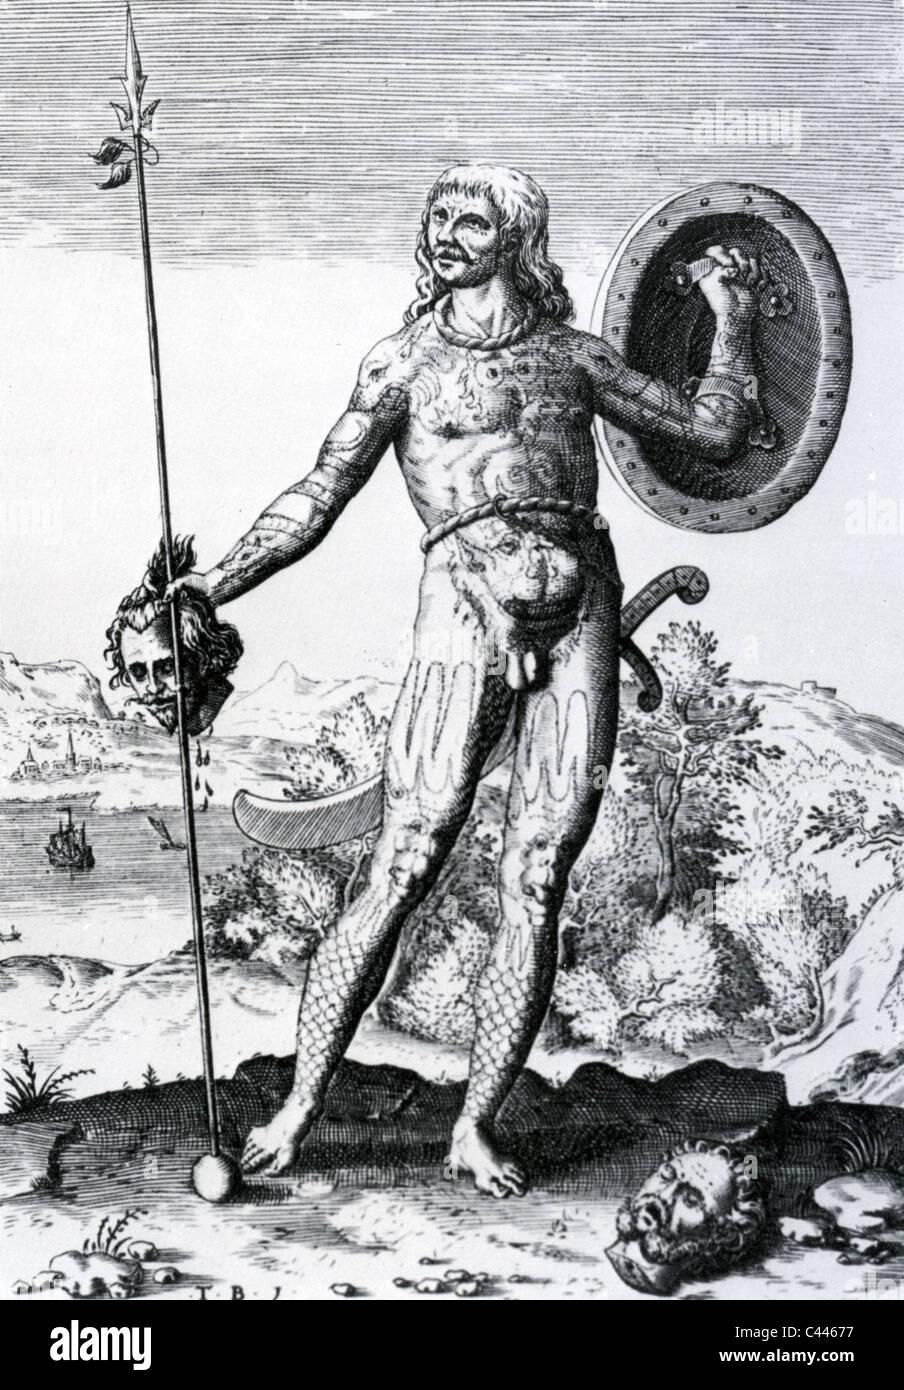 PICT schottische Krieger wie in einer Abbildung aus dem 16. Jahrhundert Stockbild